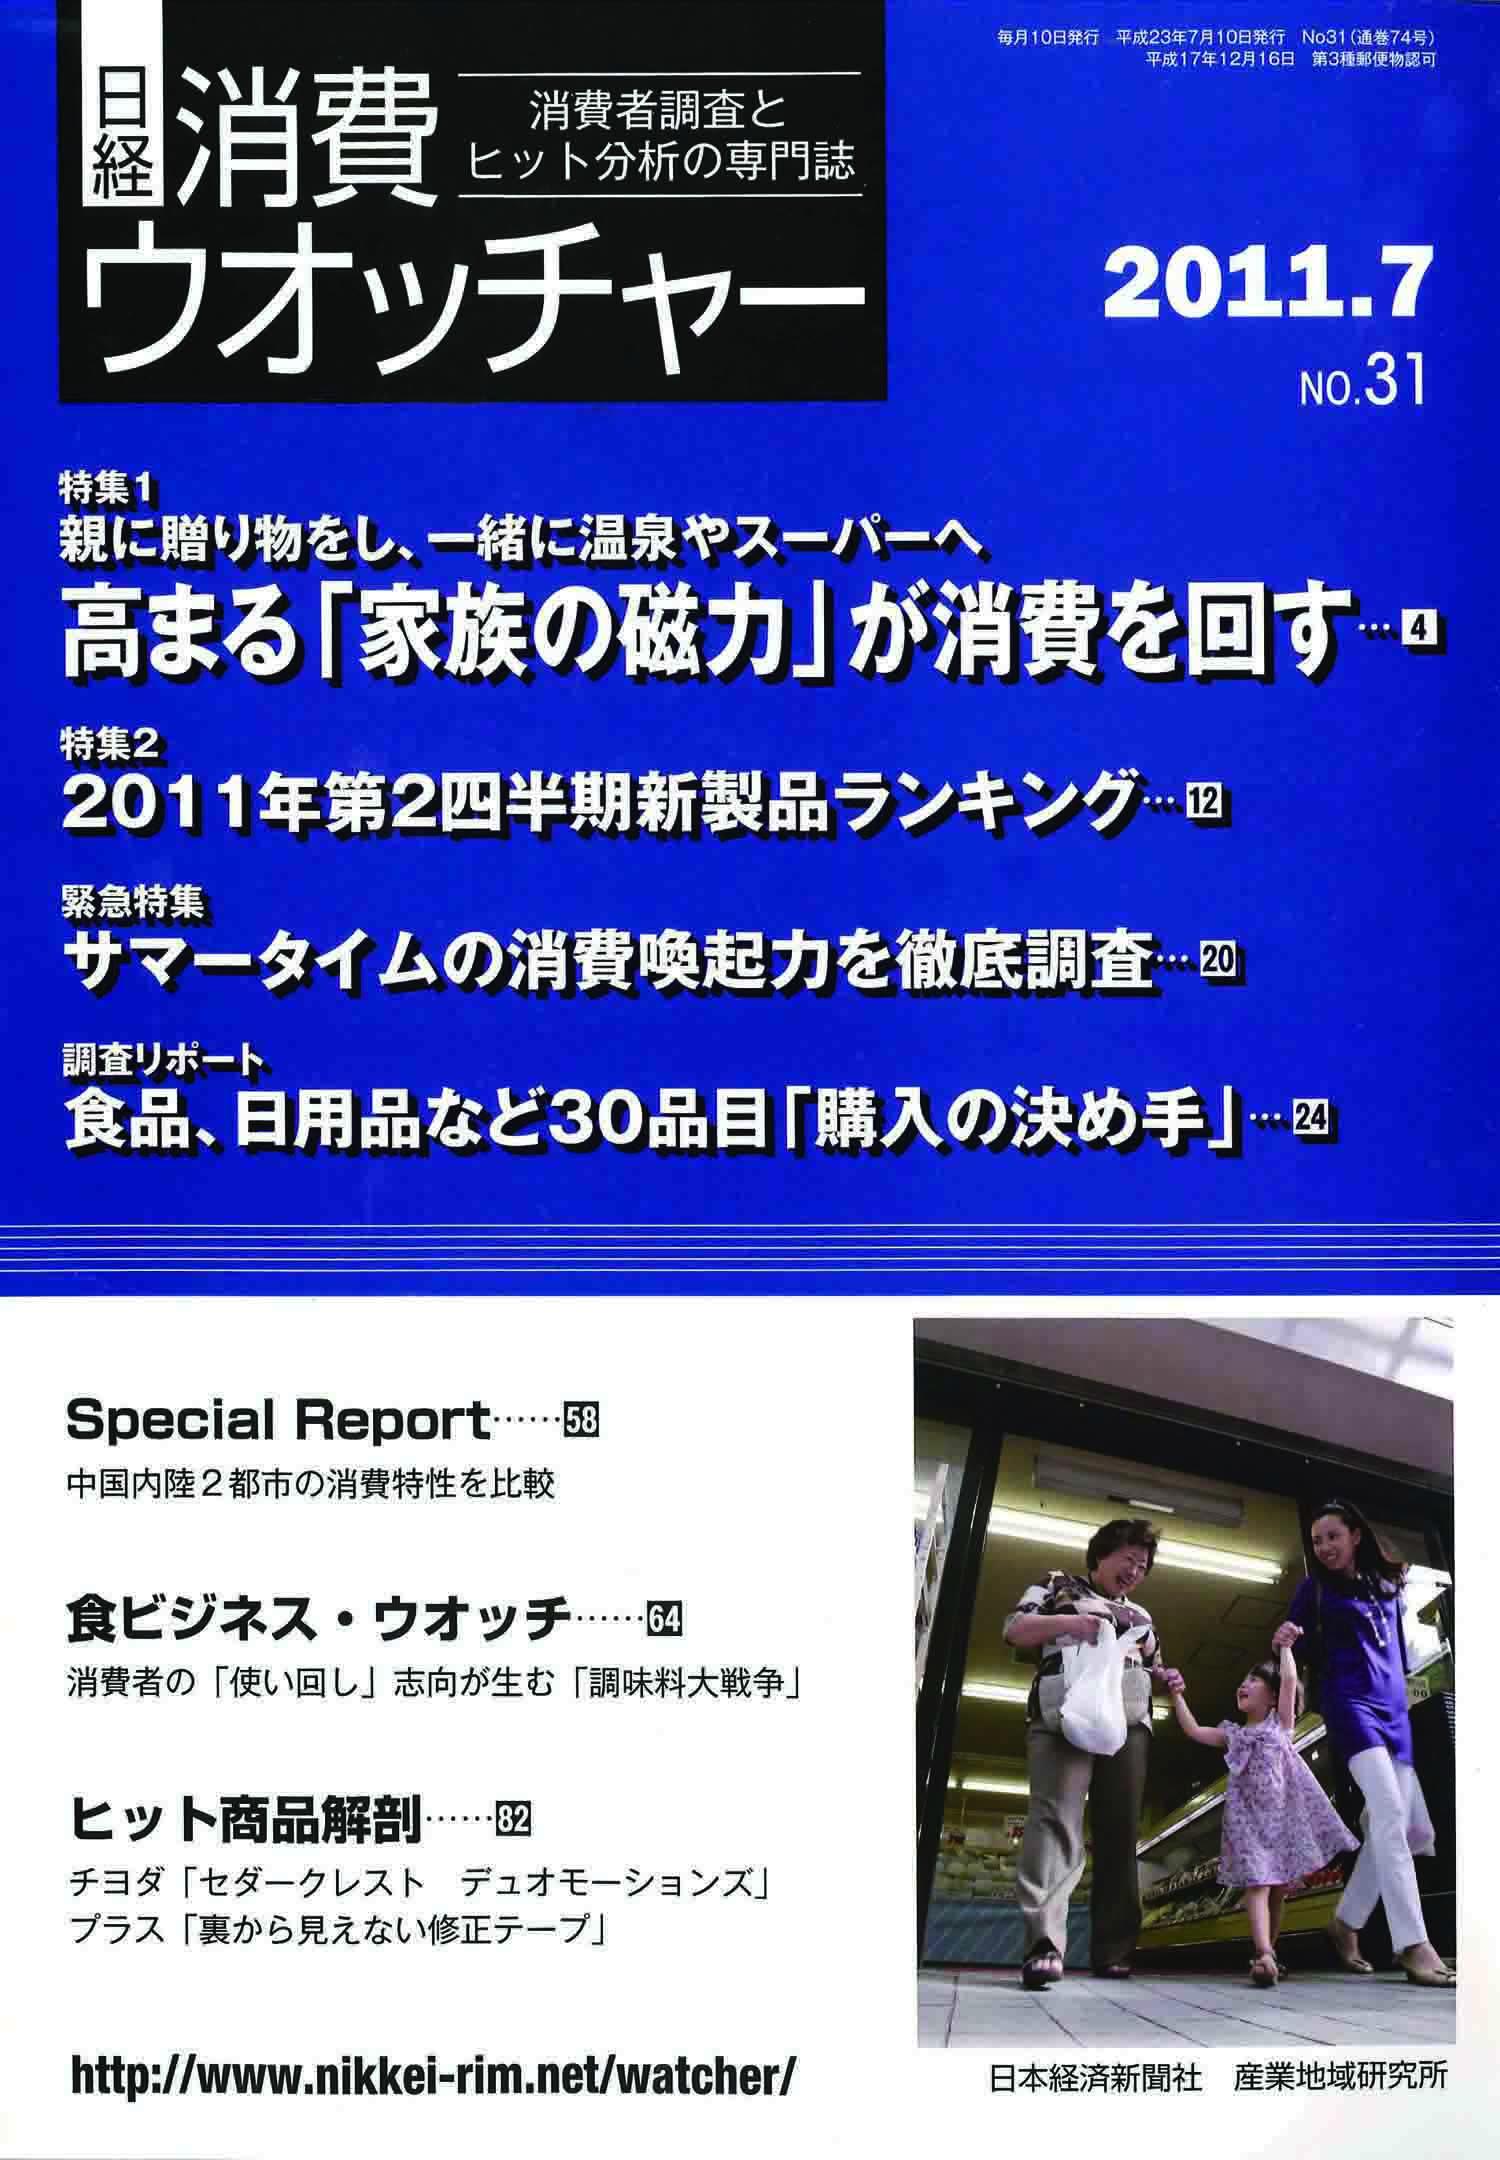 Sugamo Shinkin Bank Series